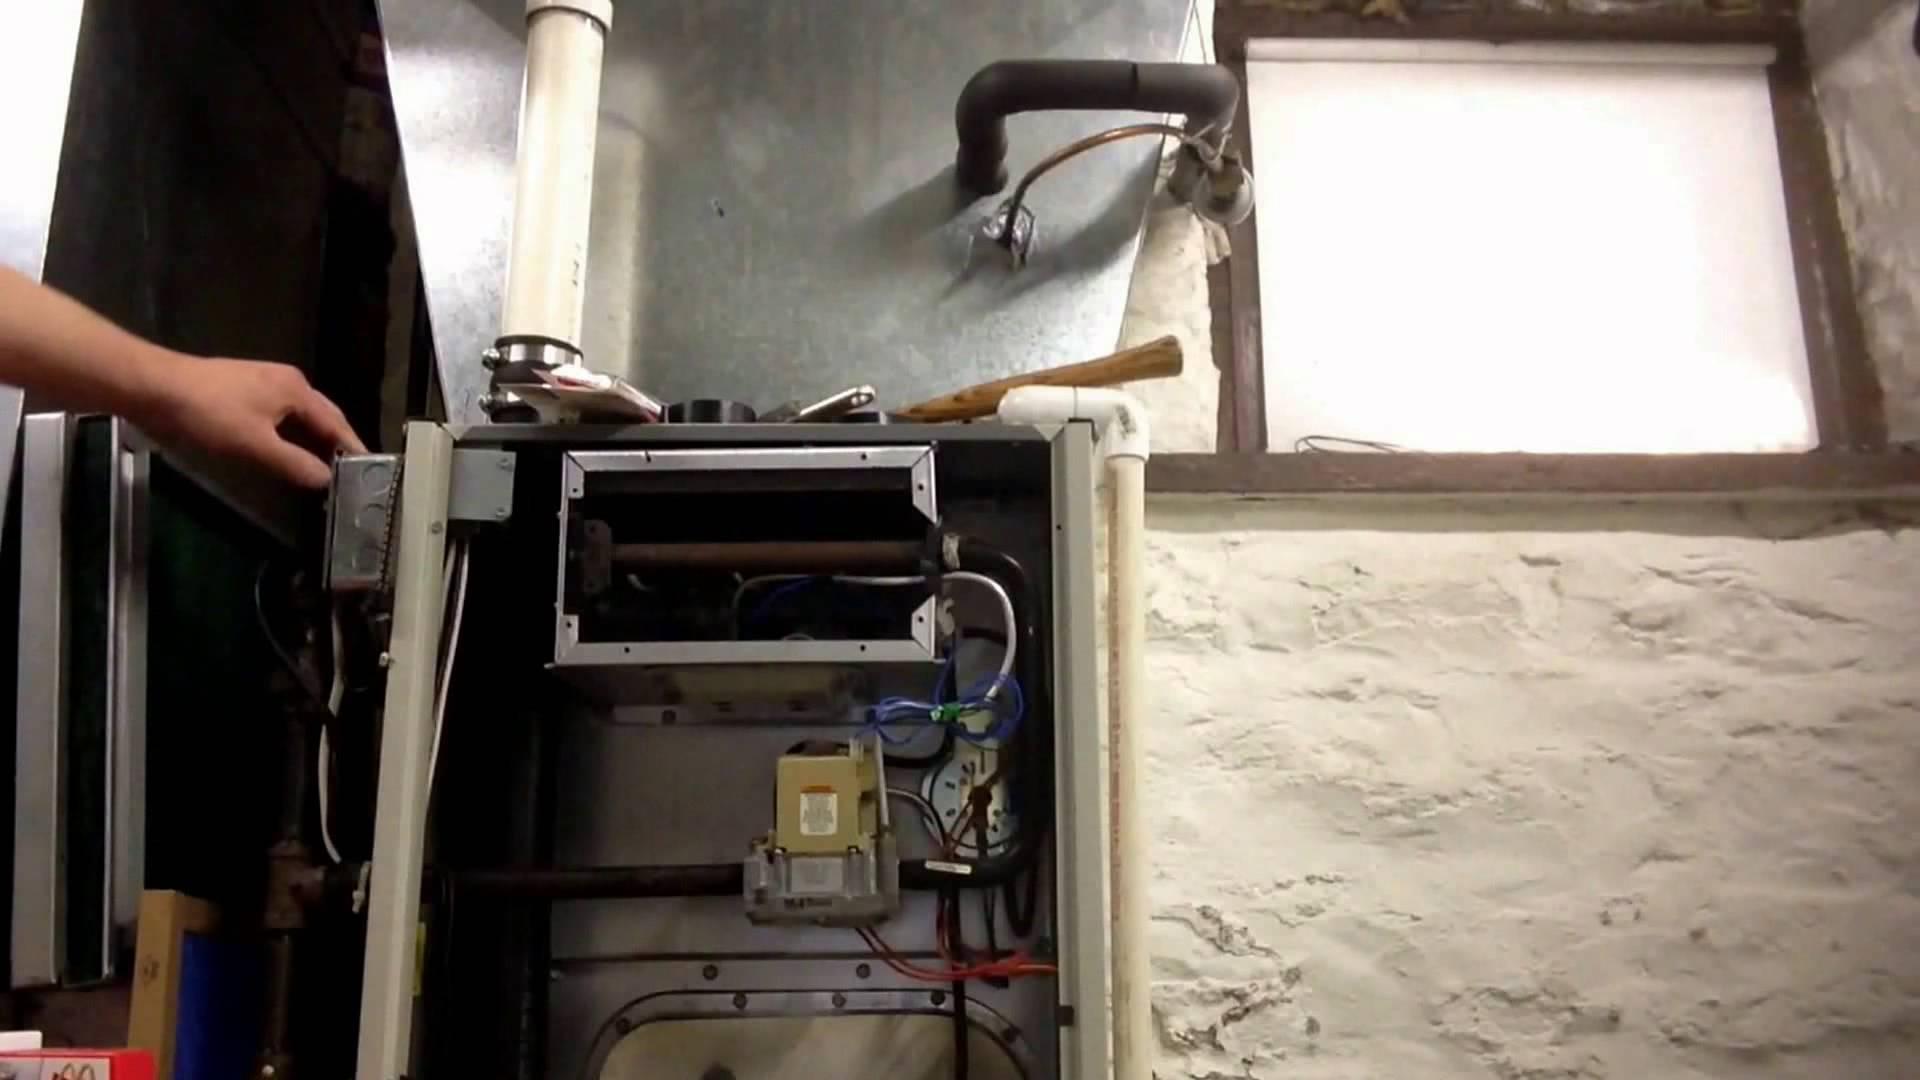 Furnace Safety Mechanisms